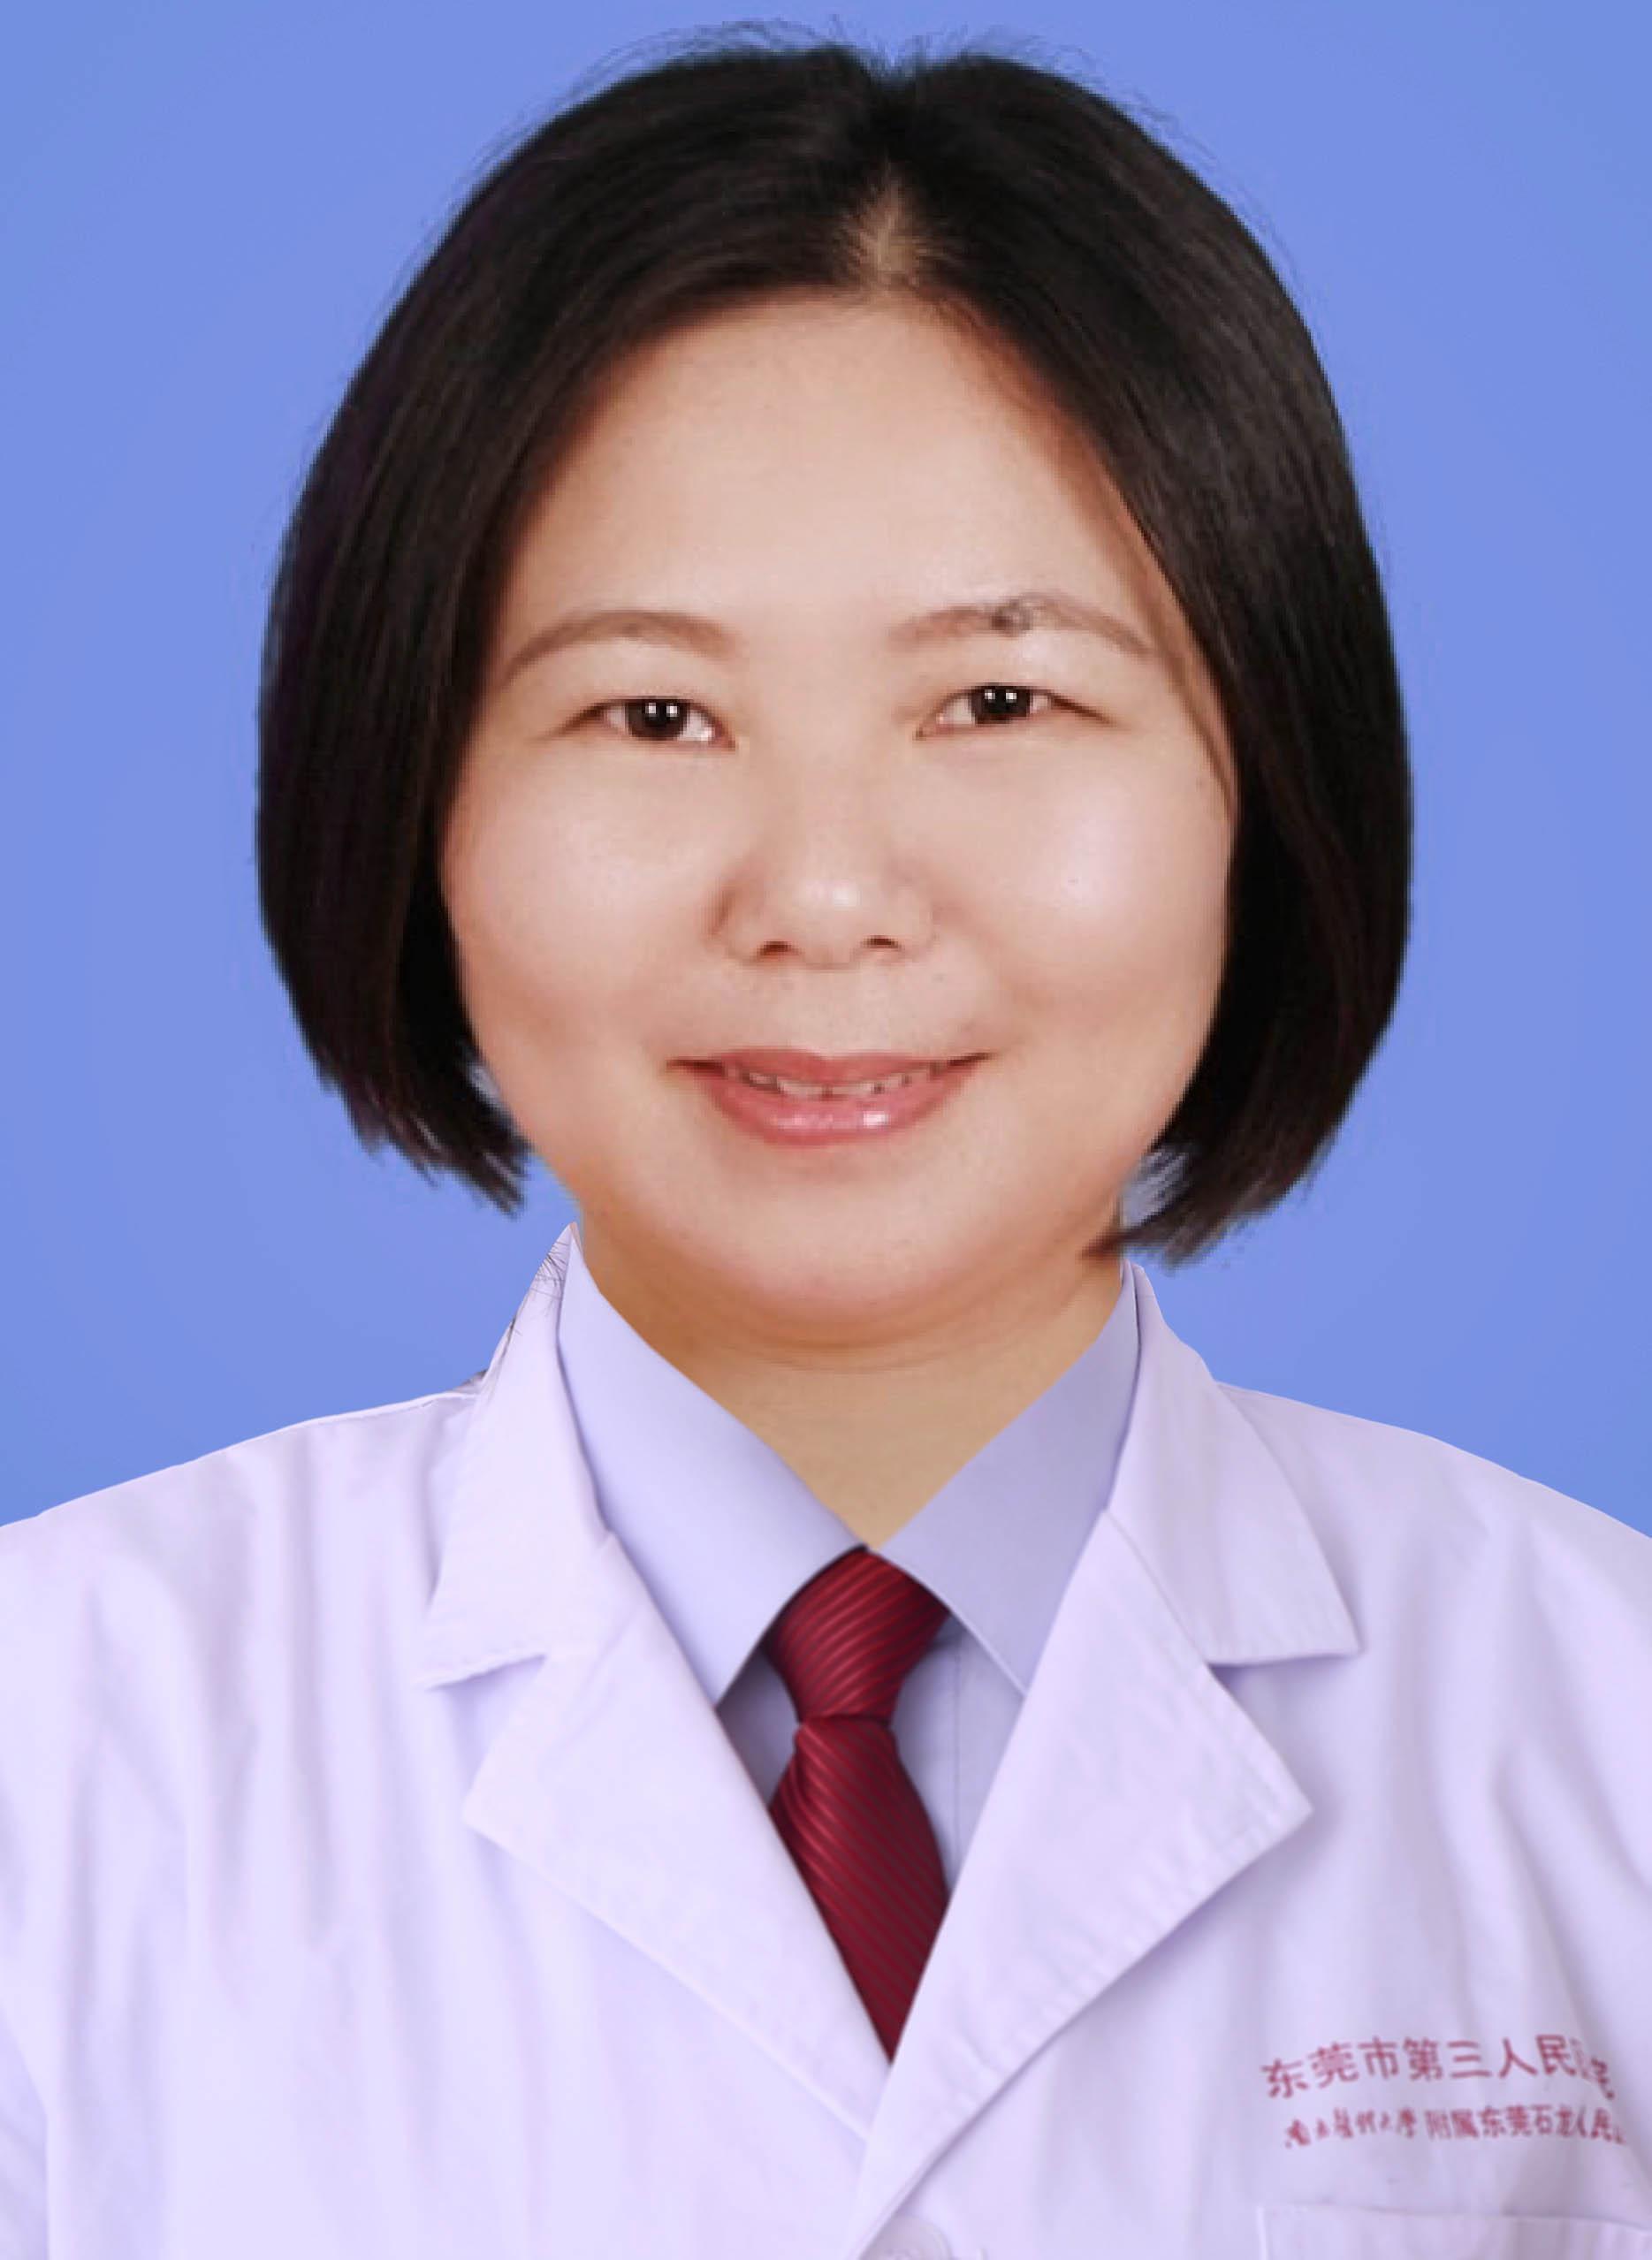 刘容菊医生头像